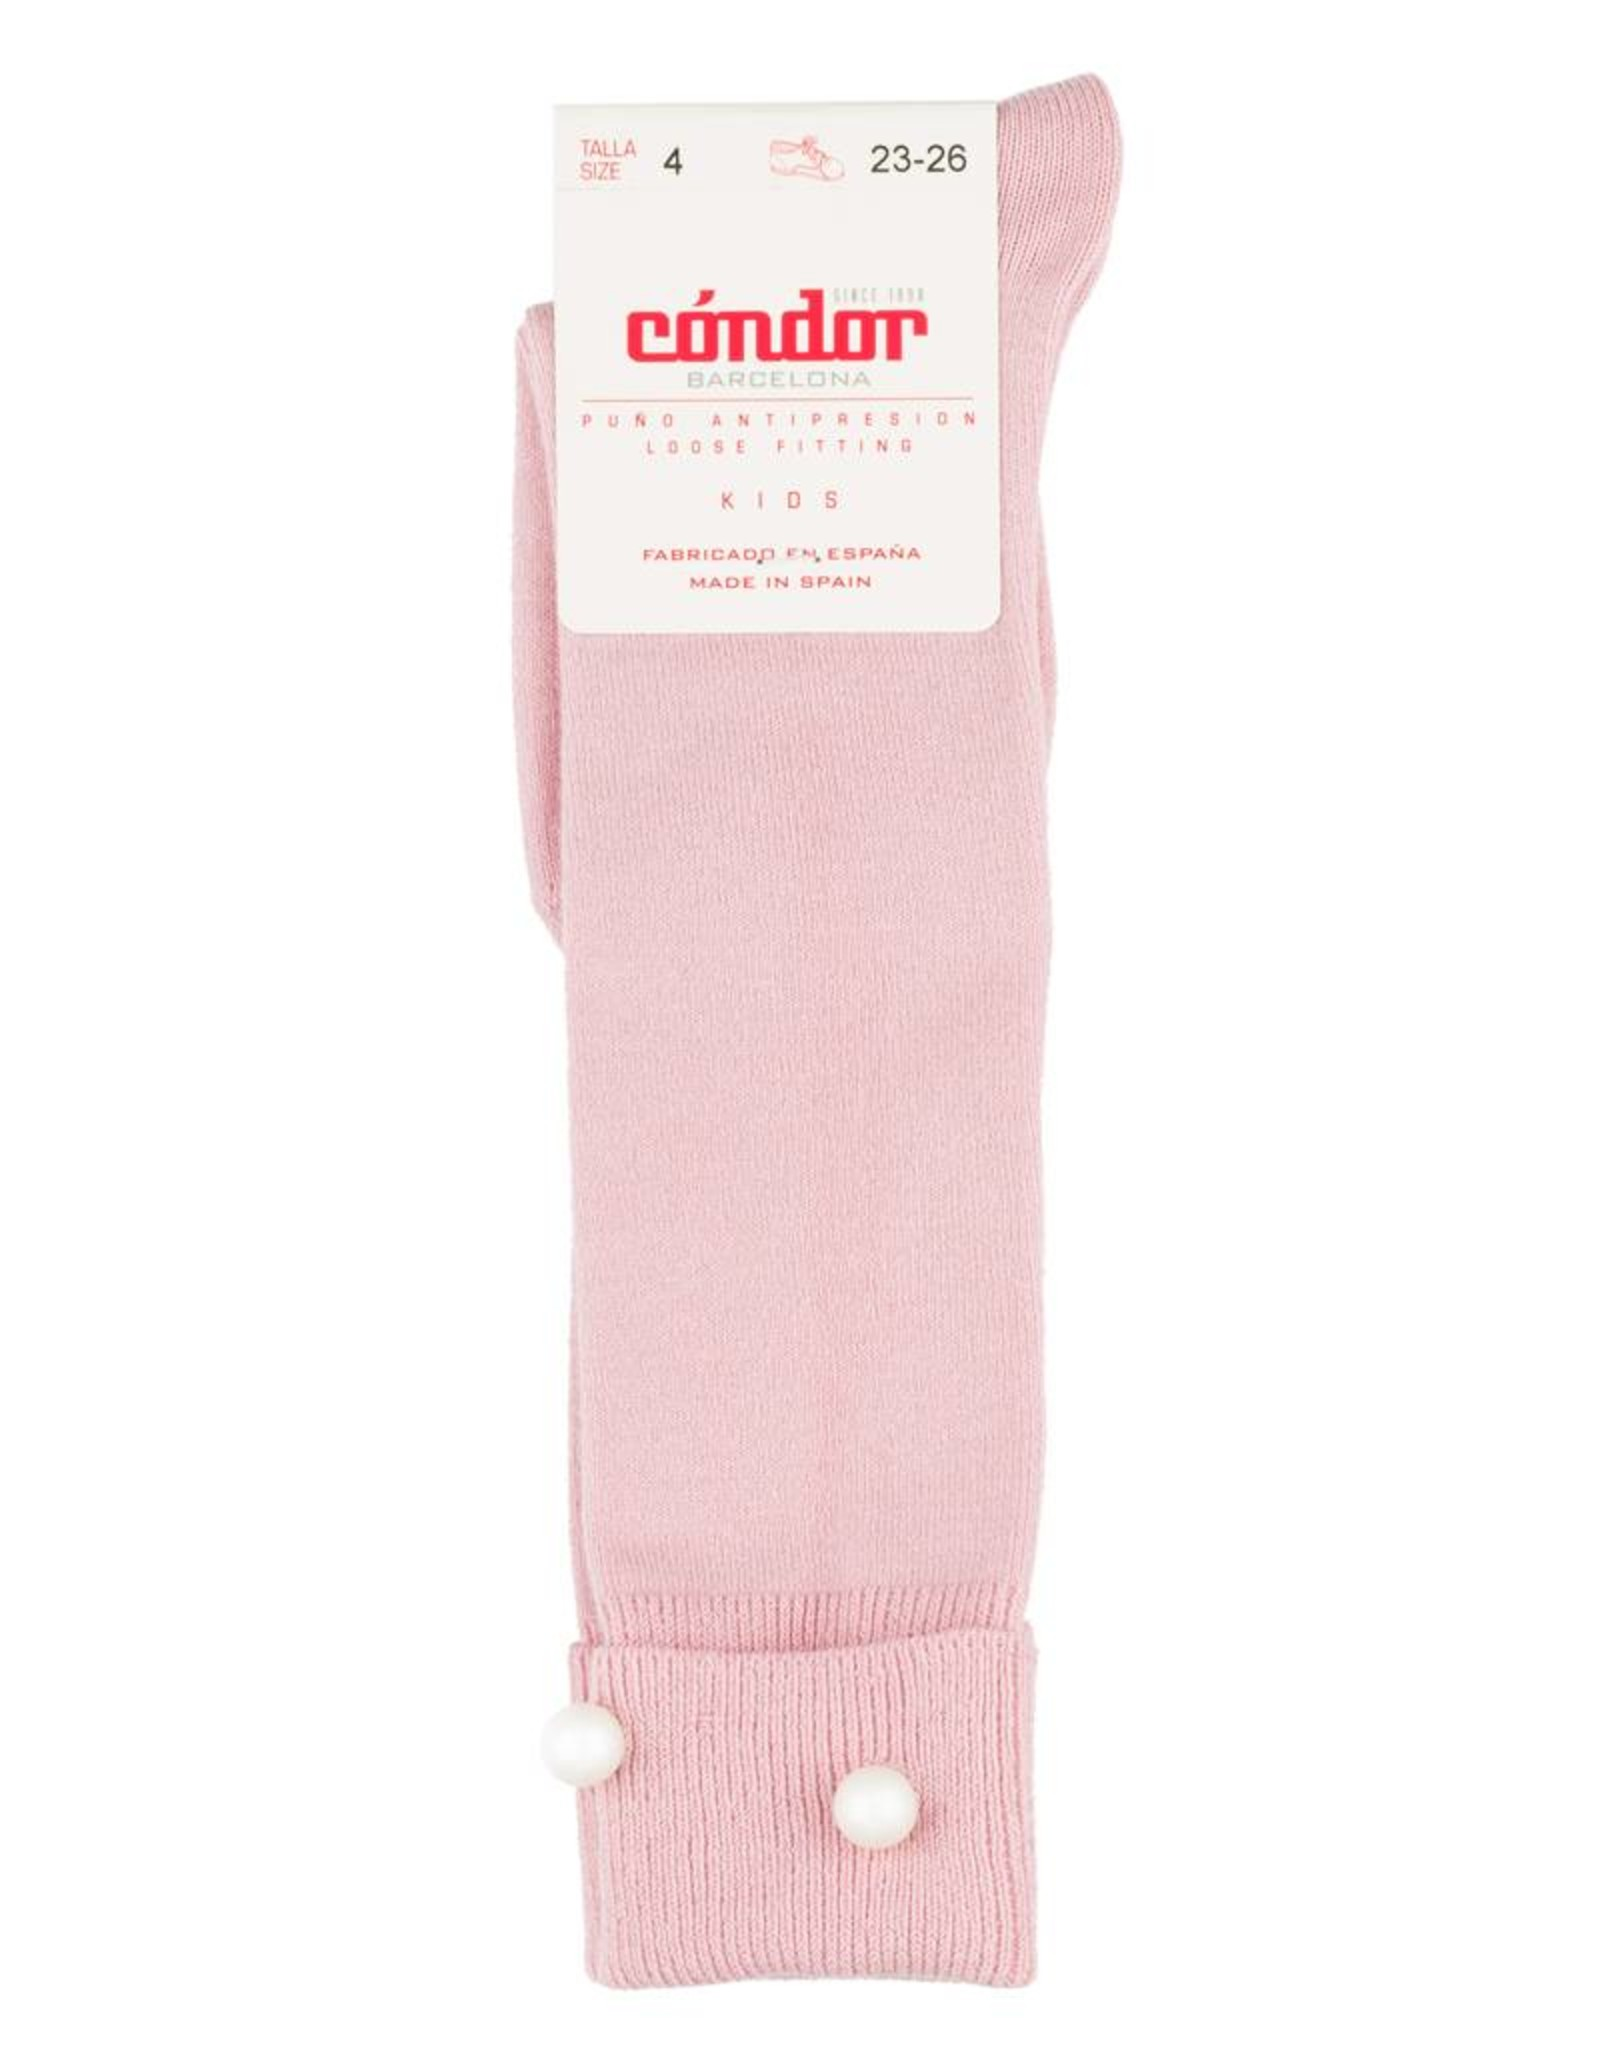 Condor Condor Foldover with Pearls Knee Sock